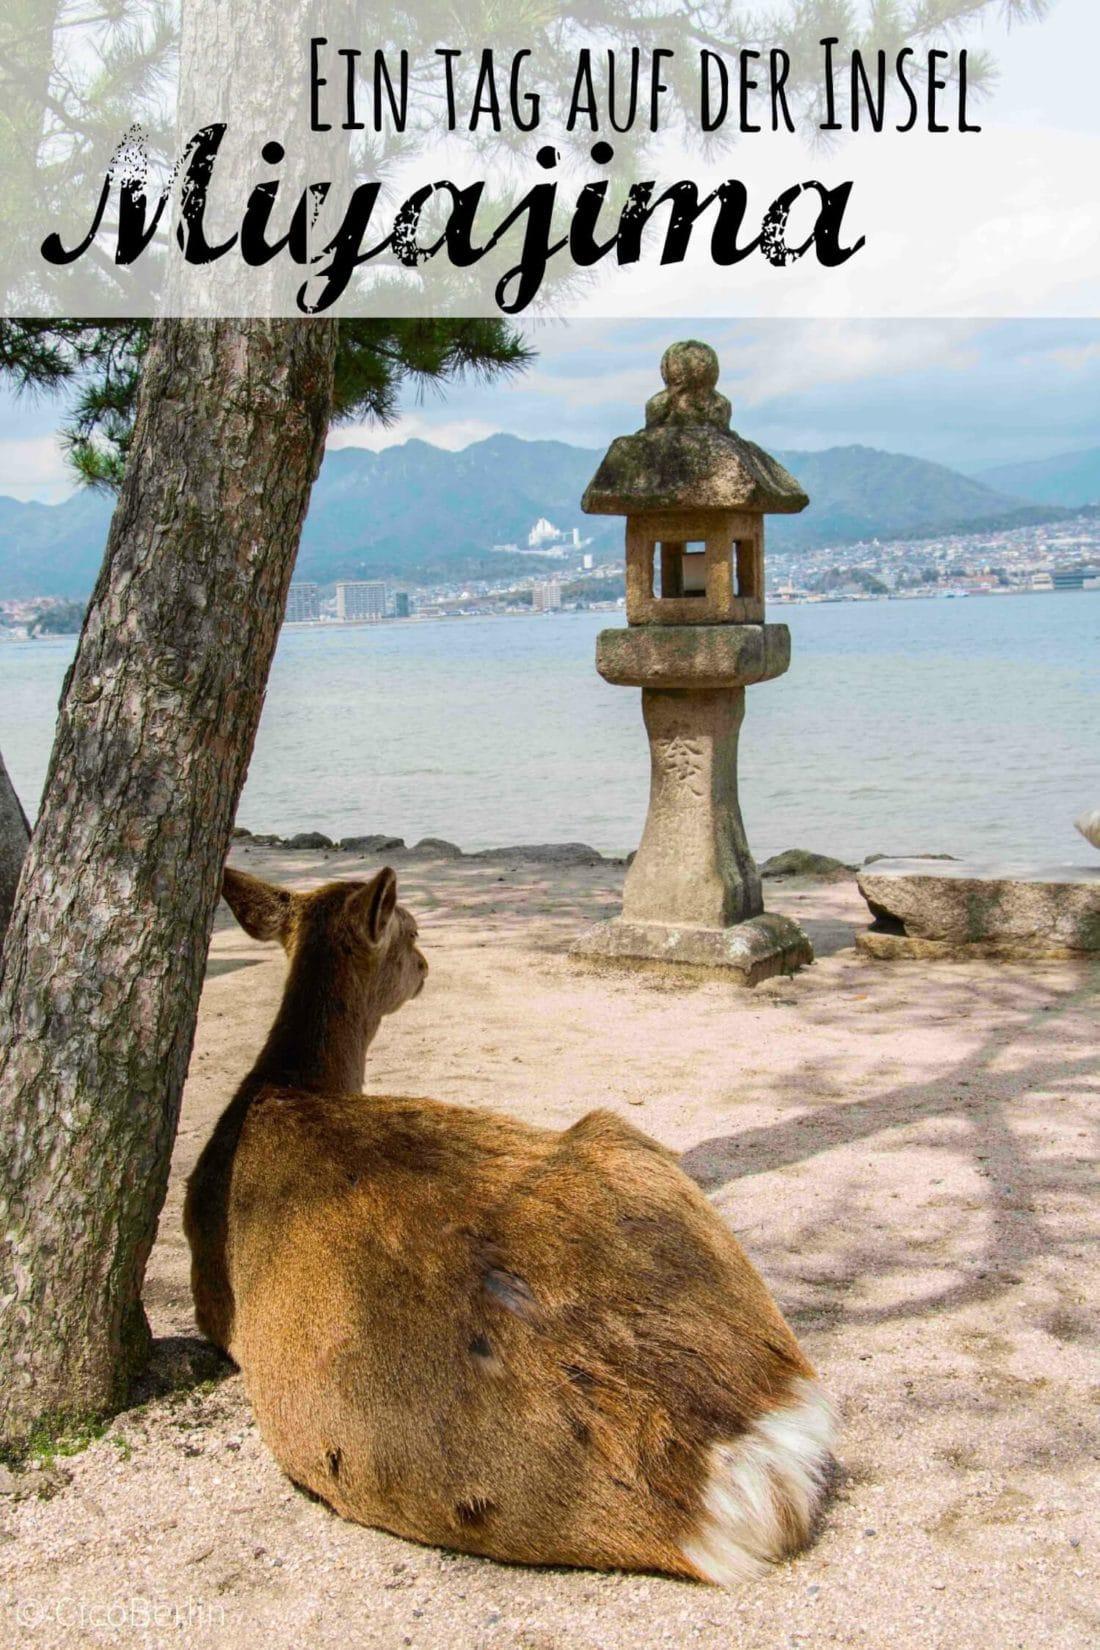 Ein Tag Miyajima, Reisetipps von CicoBerlin